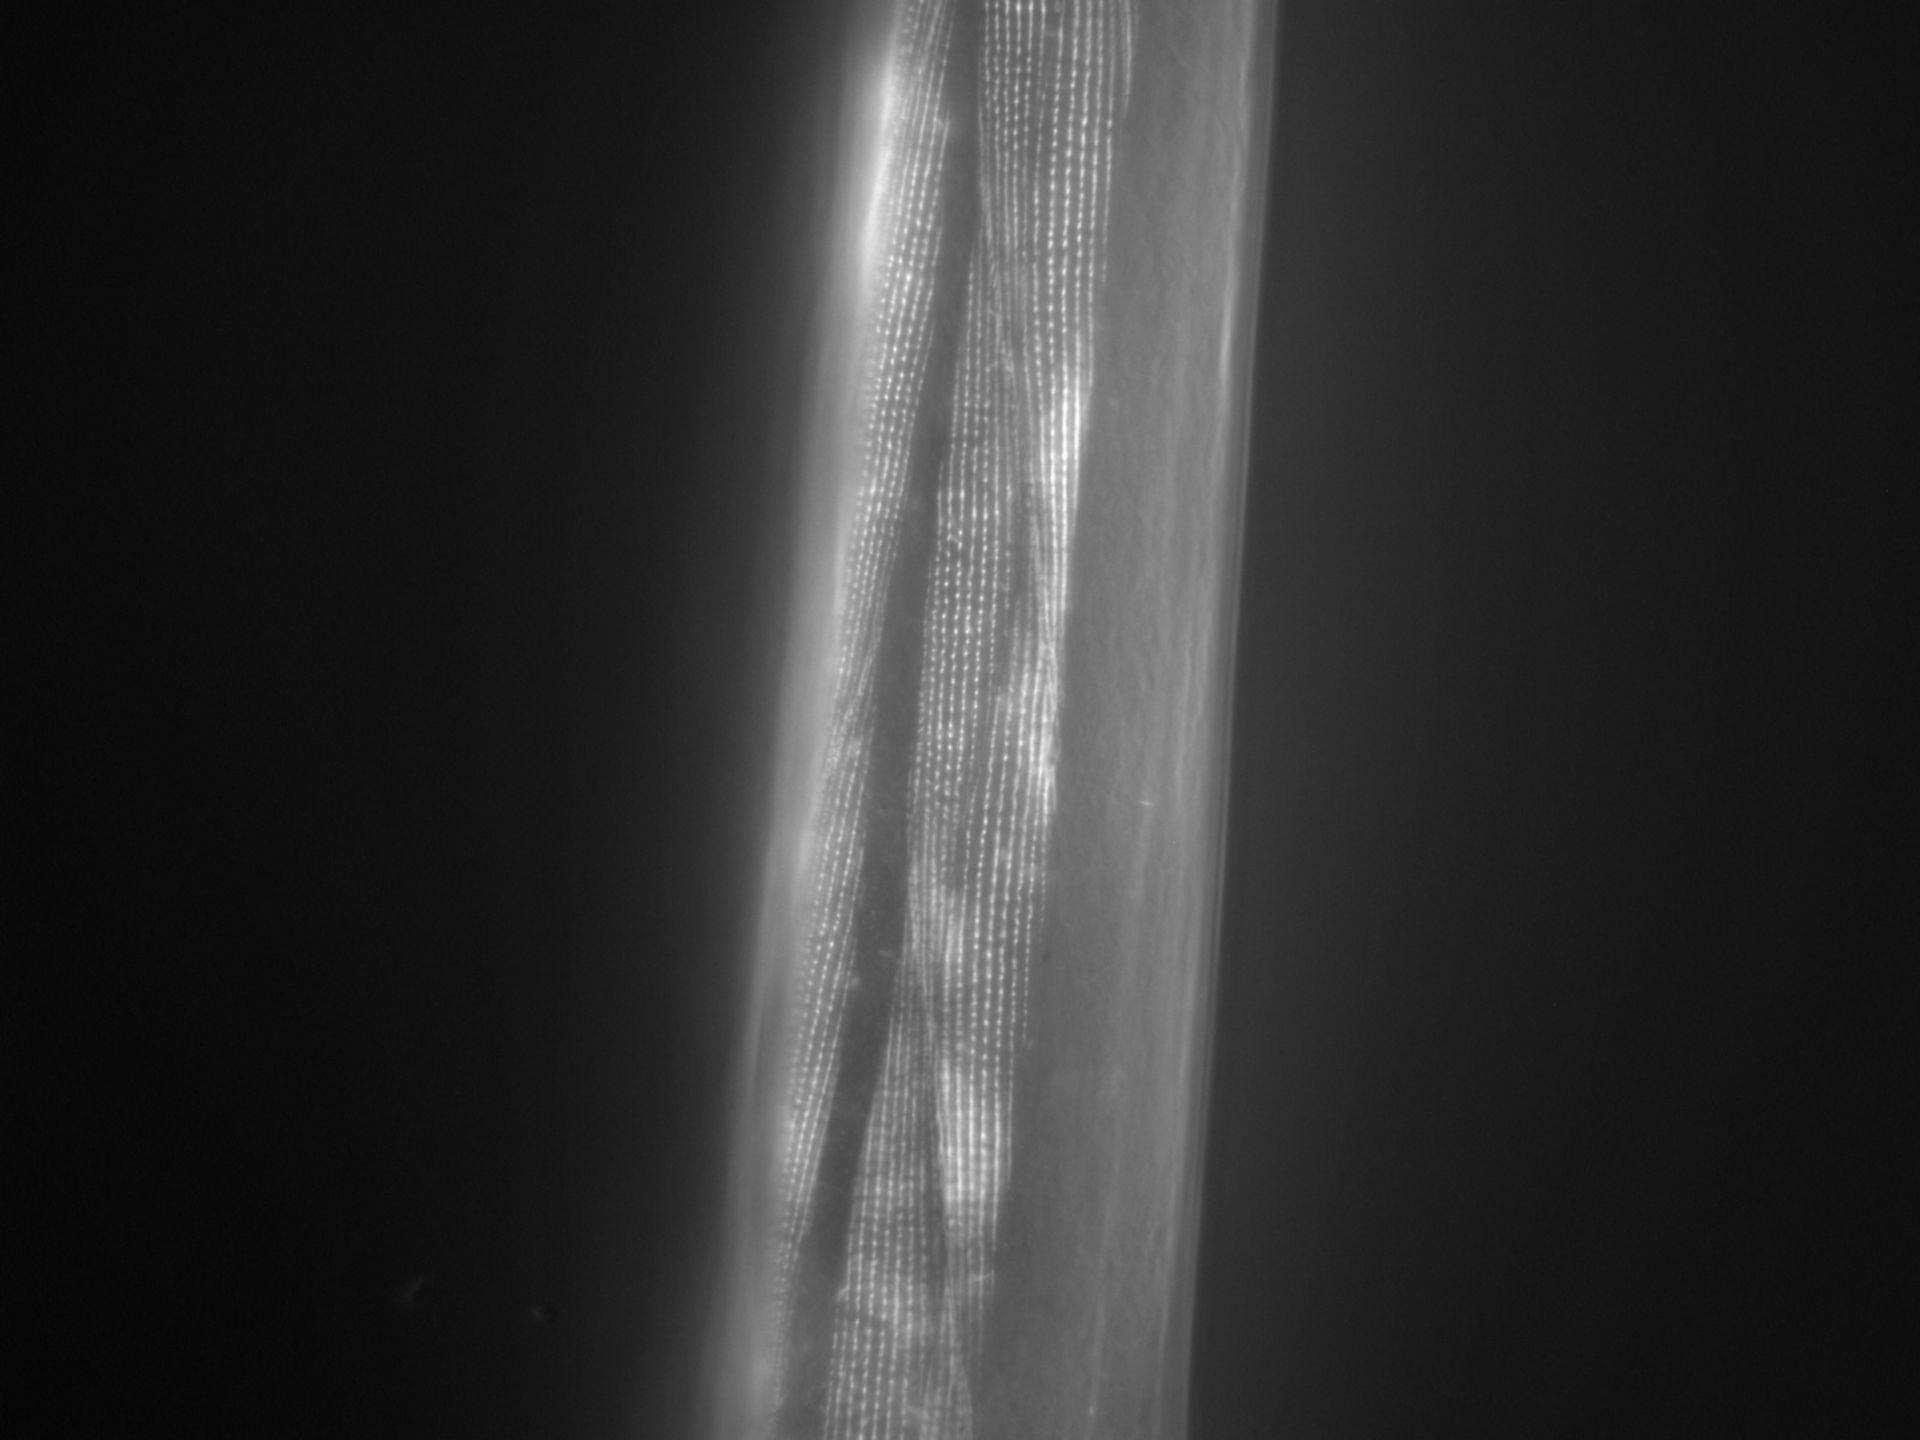 Caenorhabditis elegans (Actin filament) - CIL:1025